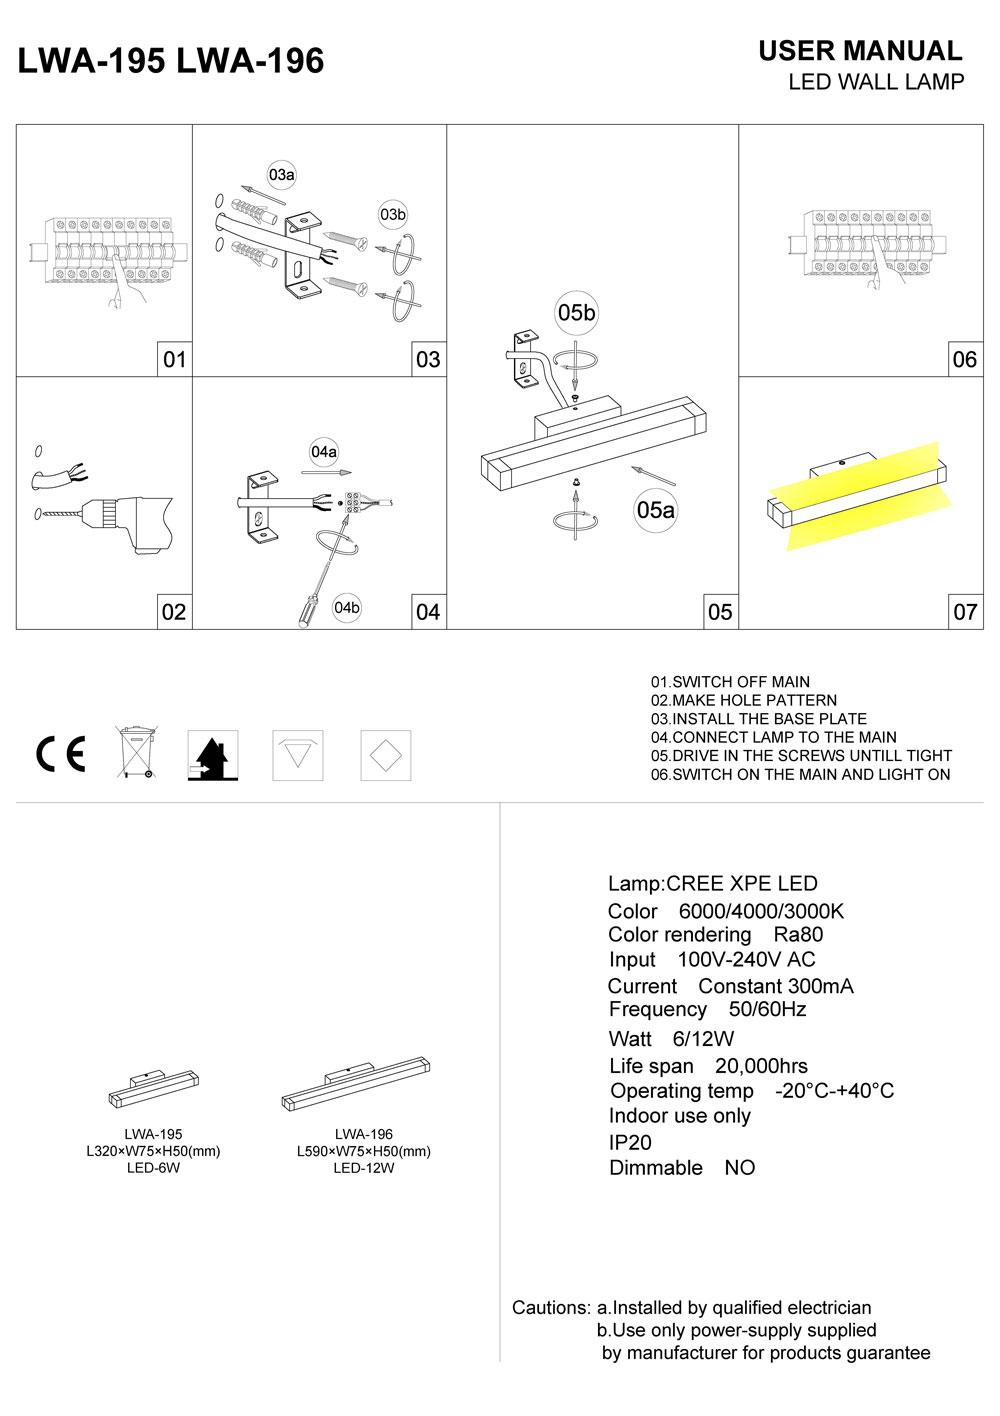 LWA-195-LWA-196 LED over mirror light